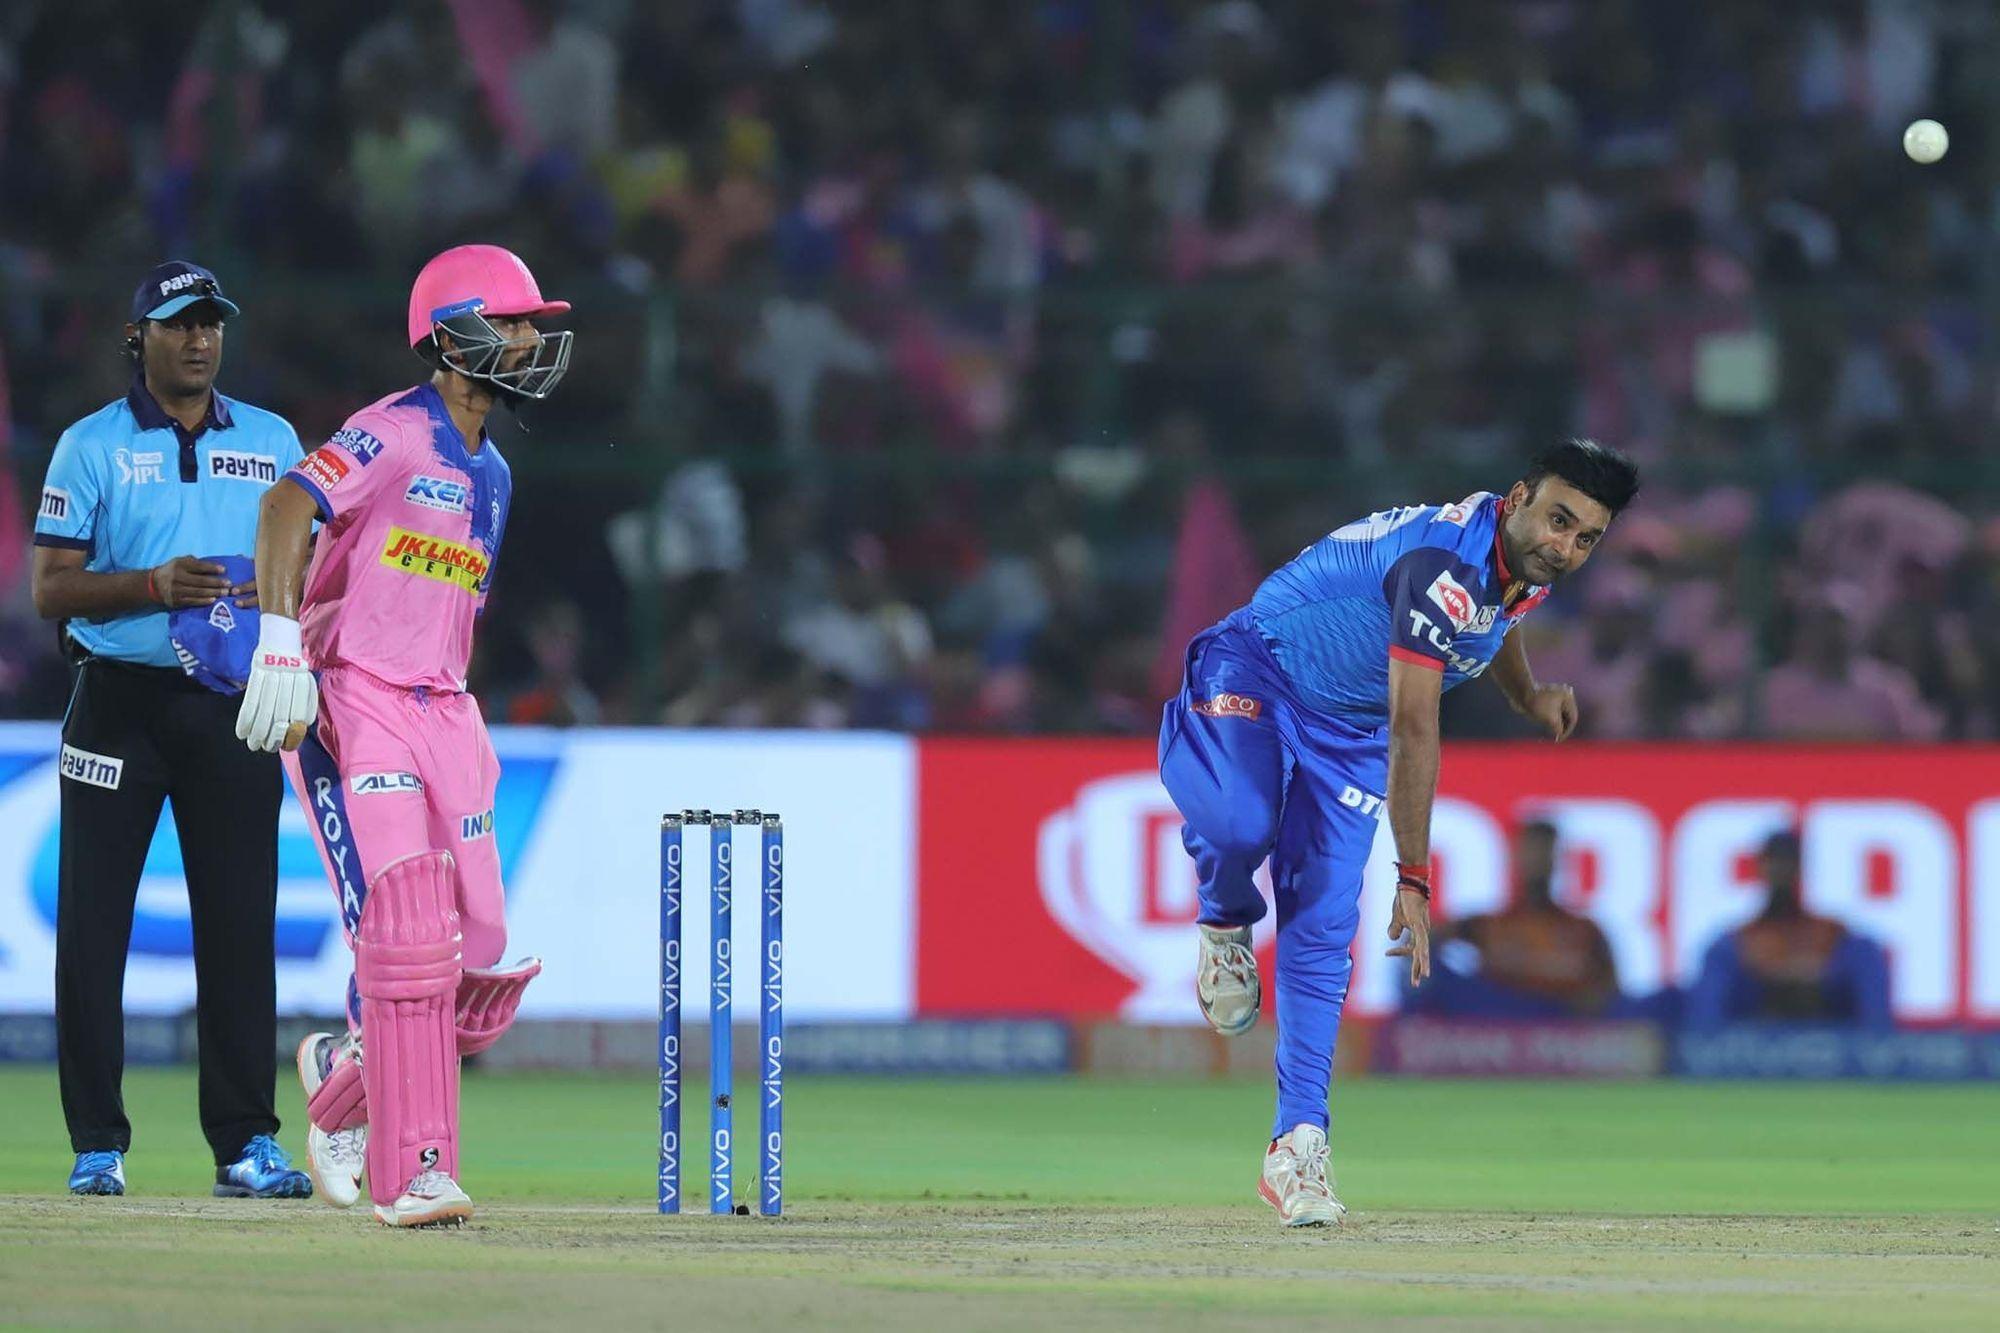 आईपीएल 2019 : दिल्ली कैपिटल्स के सीनियर खिलाड़ी ने गुस्से में खोया अपना आपा, ऋषभ पंत को मारी गेंद! 1